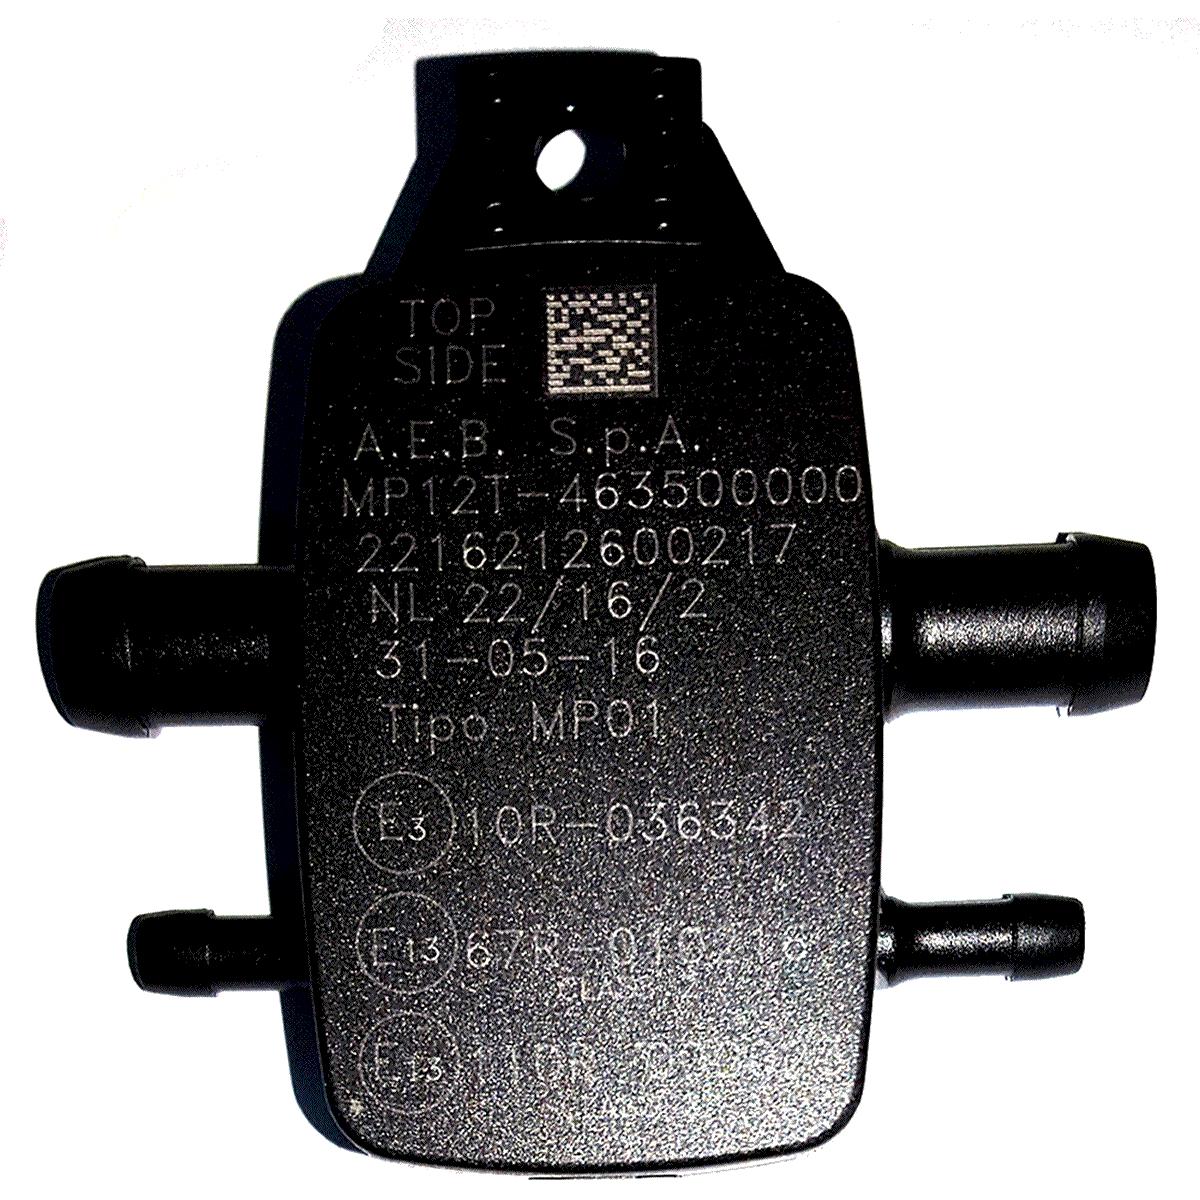 Sensor MAP D12 Emer GNV 5ª Geração Original Valtek Emer para módulos MP48